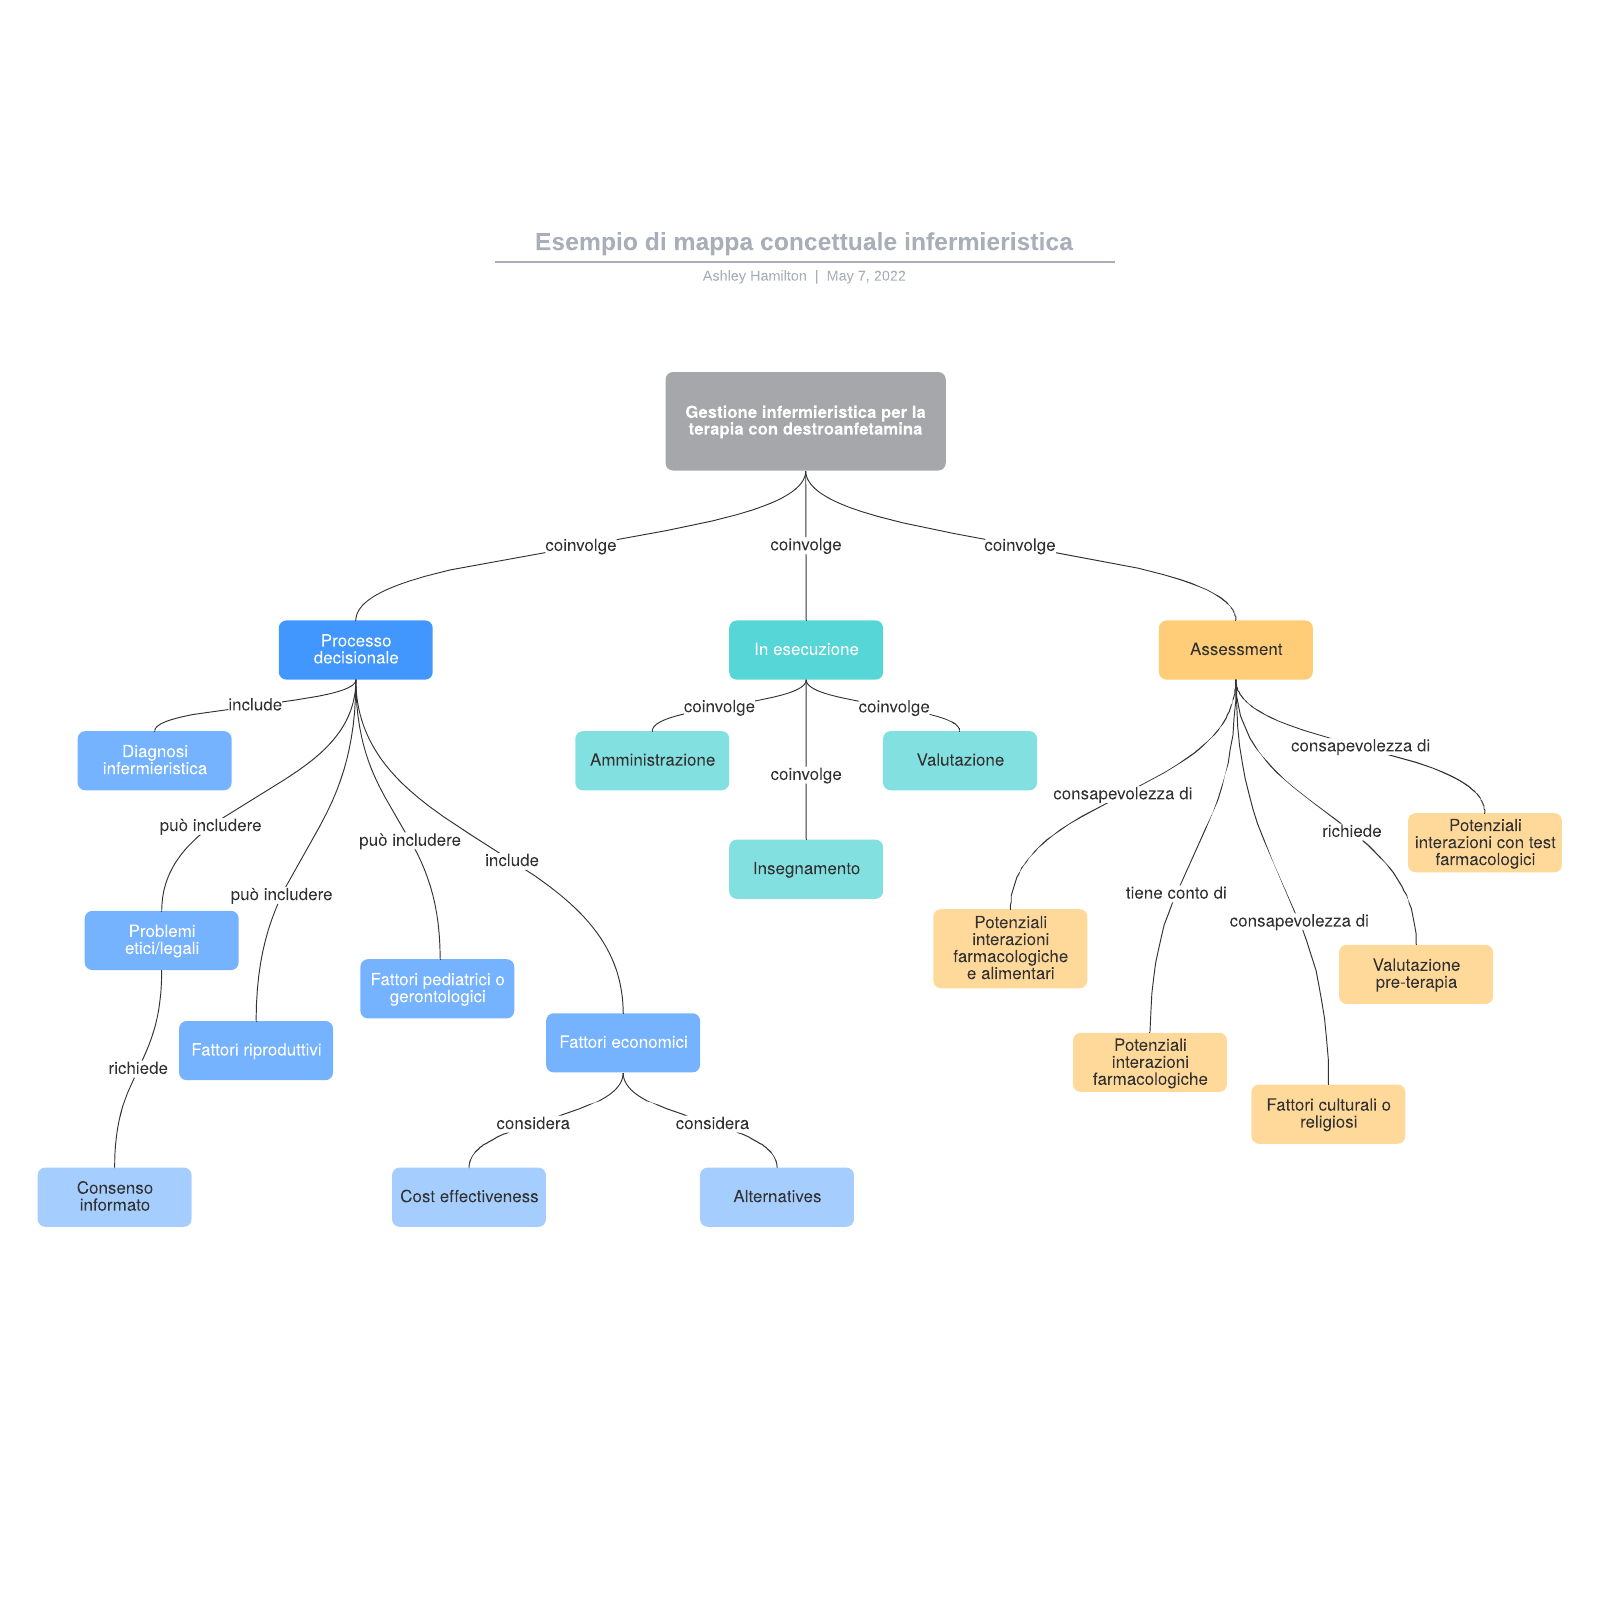 Esempio di mappa concettuale infermieristica